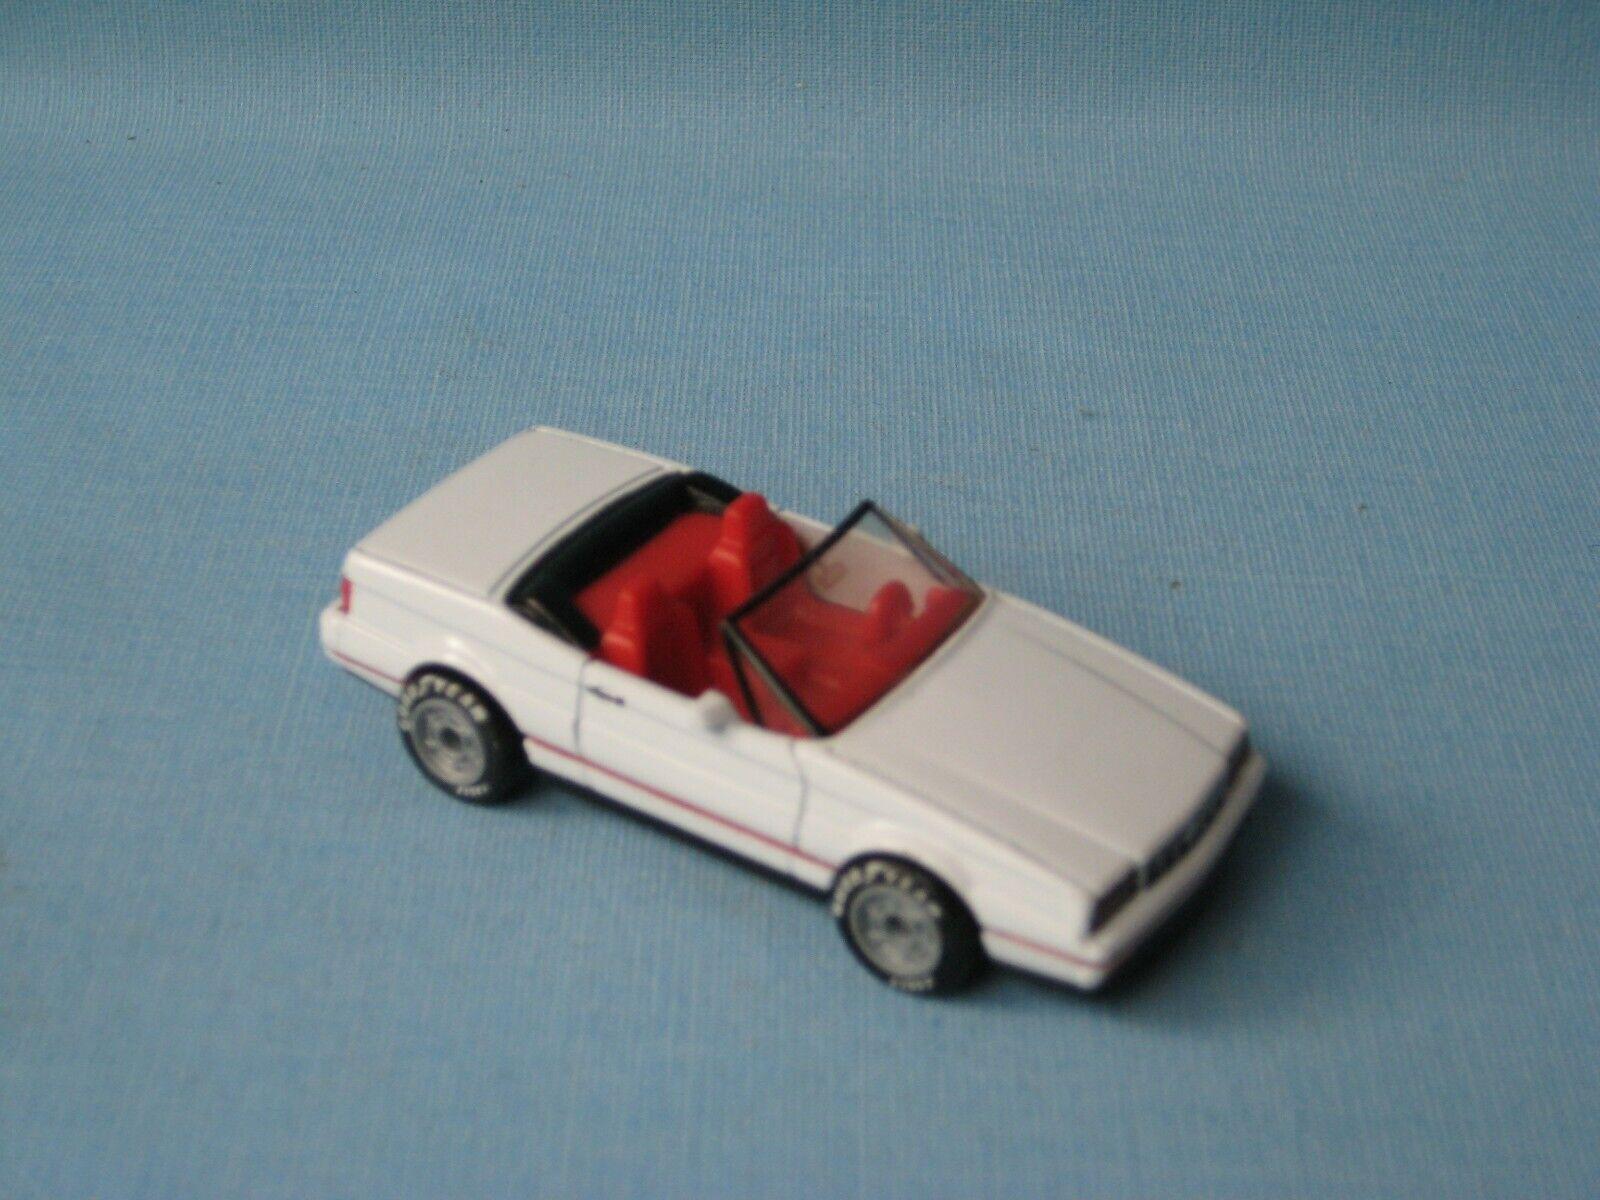 Matchbox GM Cadillac Allante White Body Toy Model Sports Car 70mm UB RARE.